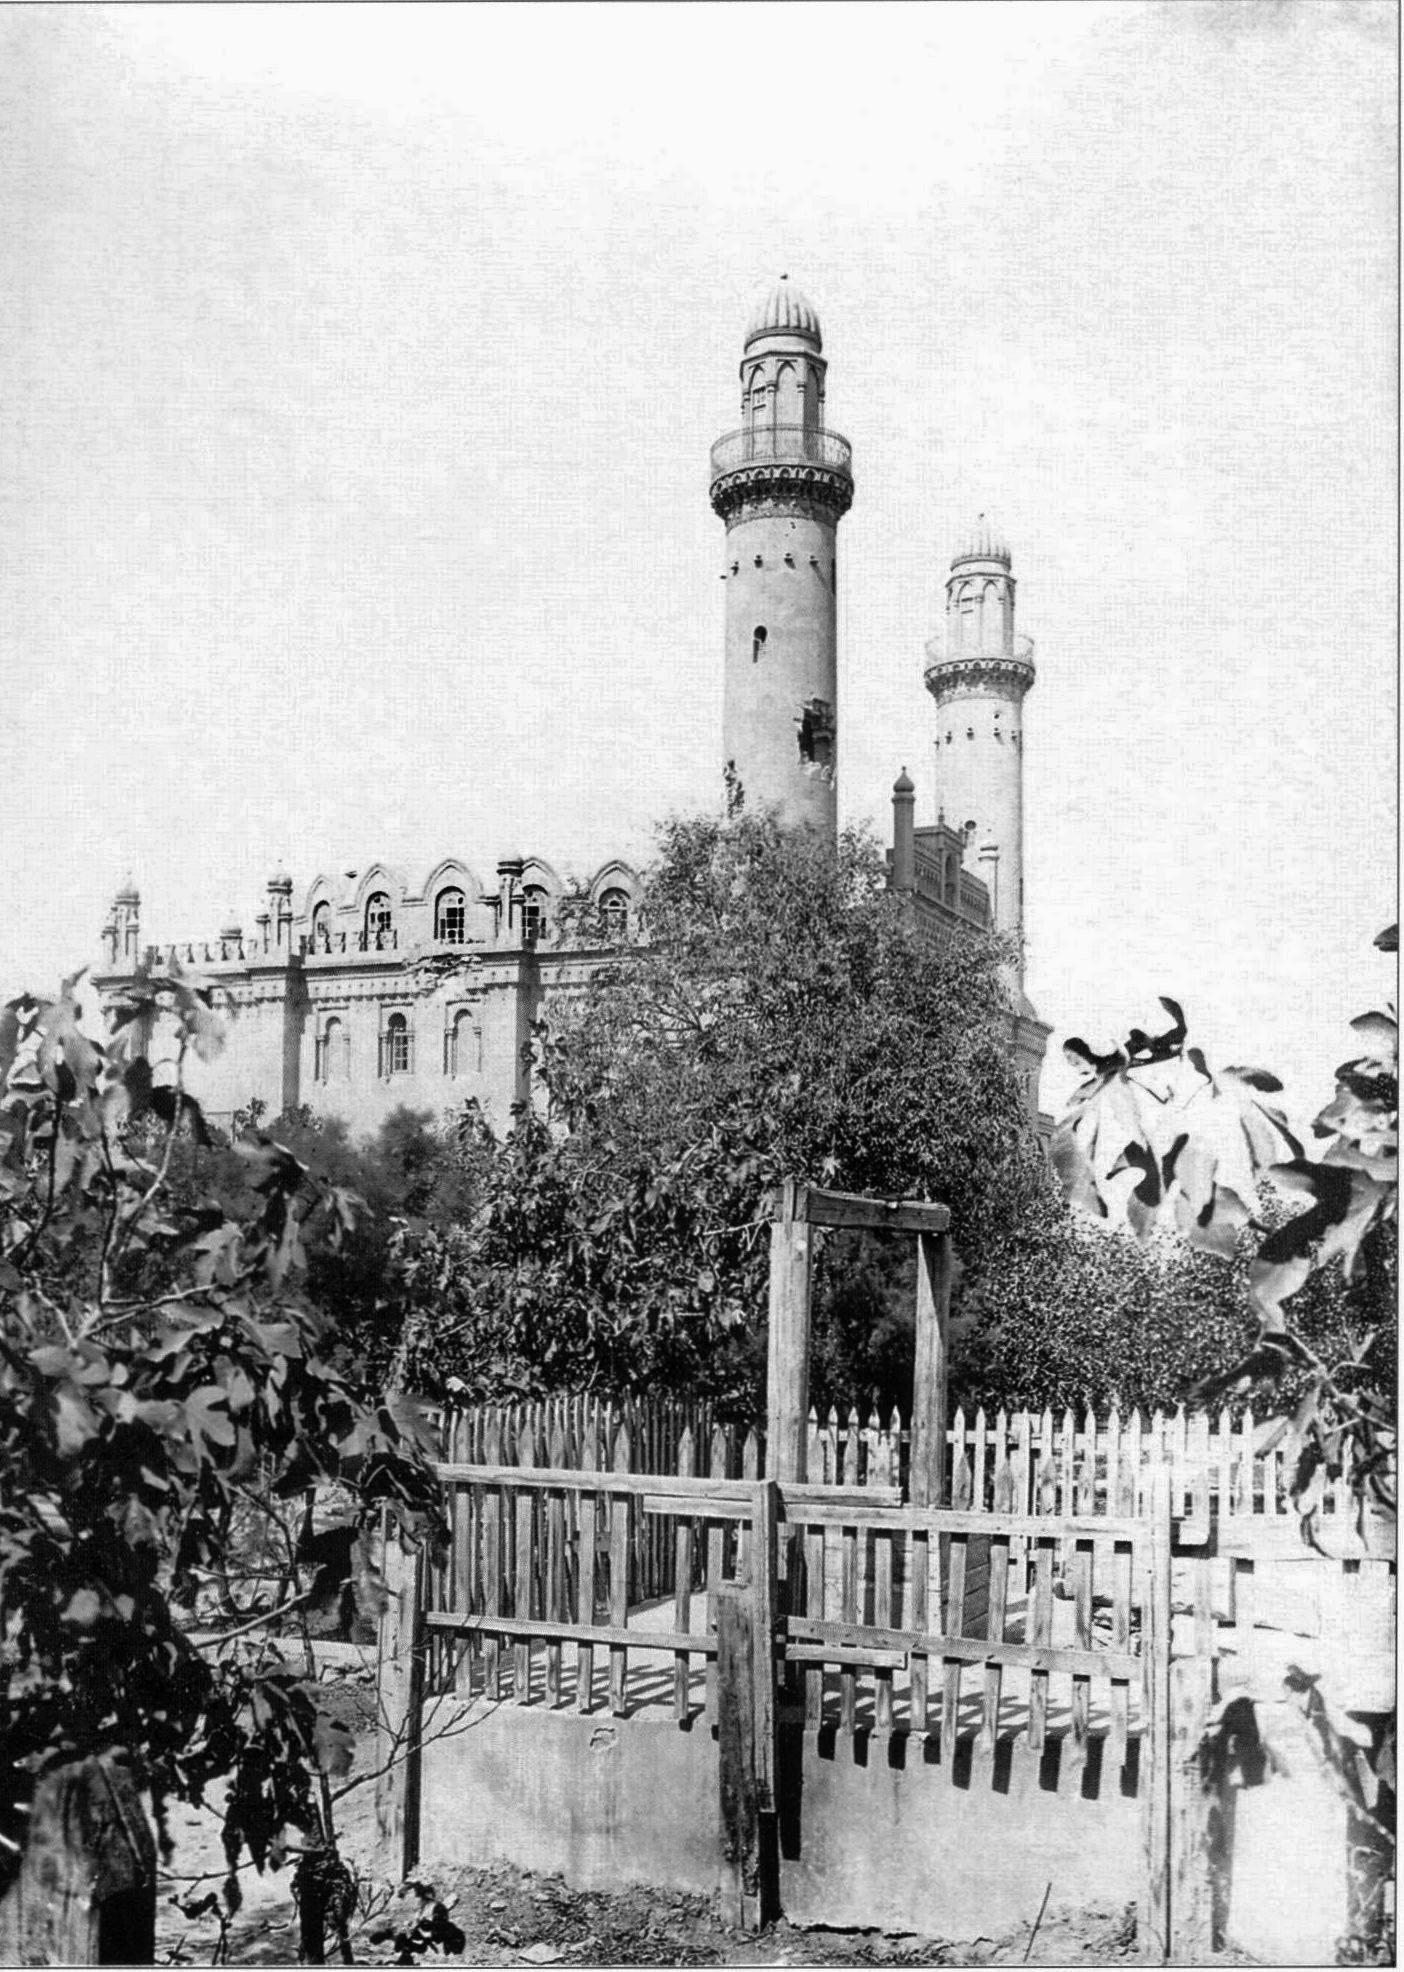 Вид с восточной стороны на мечеть Мечеть Тезепир (Таза Пир), повреждённую снарядами. 1918